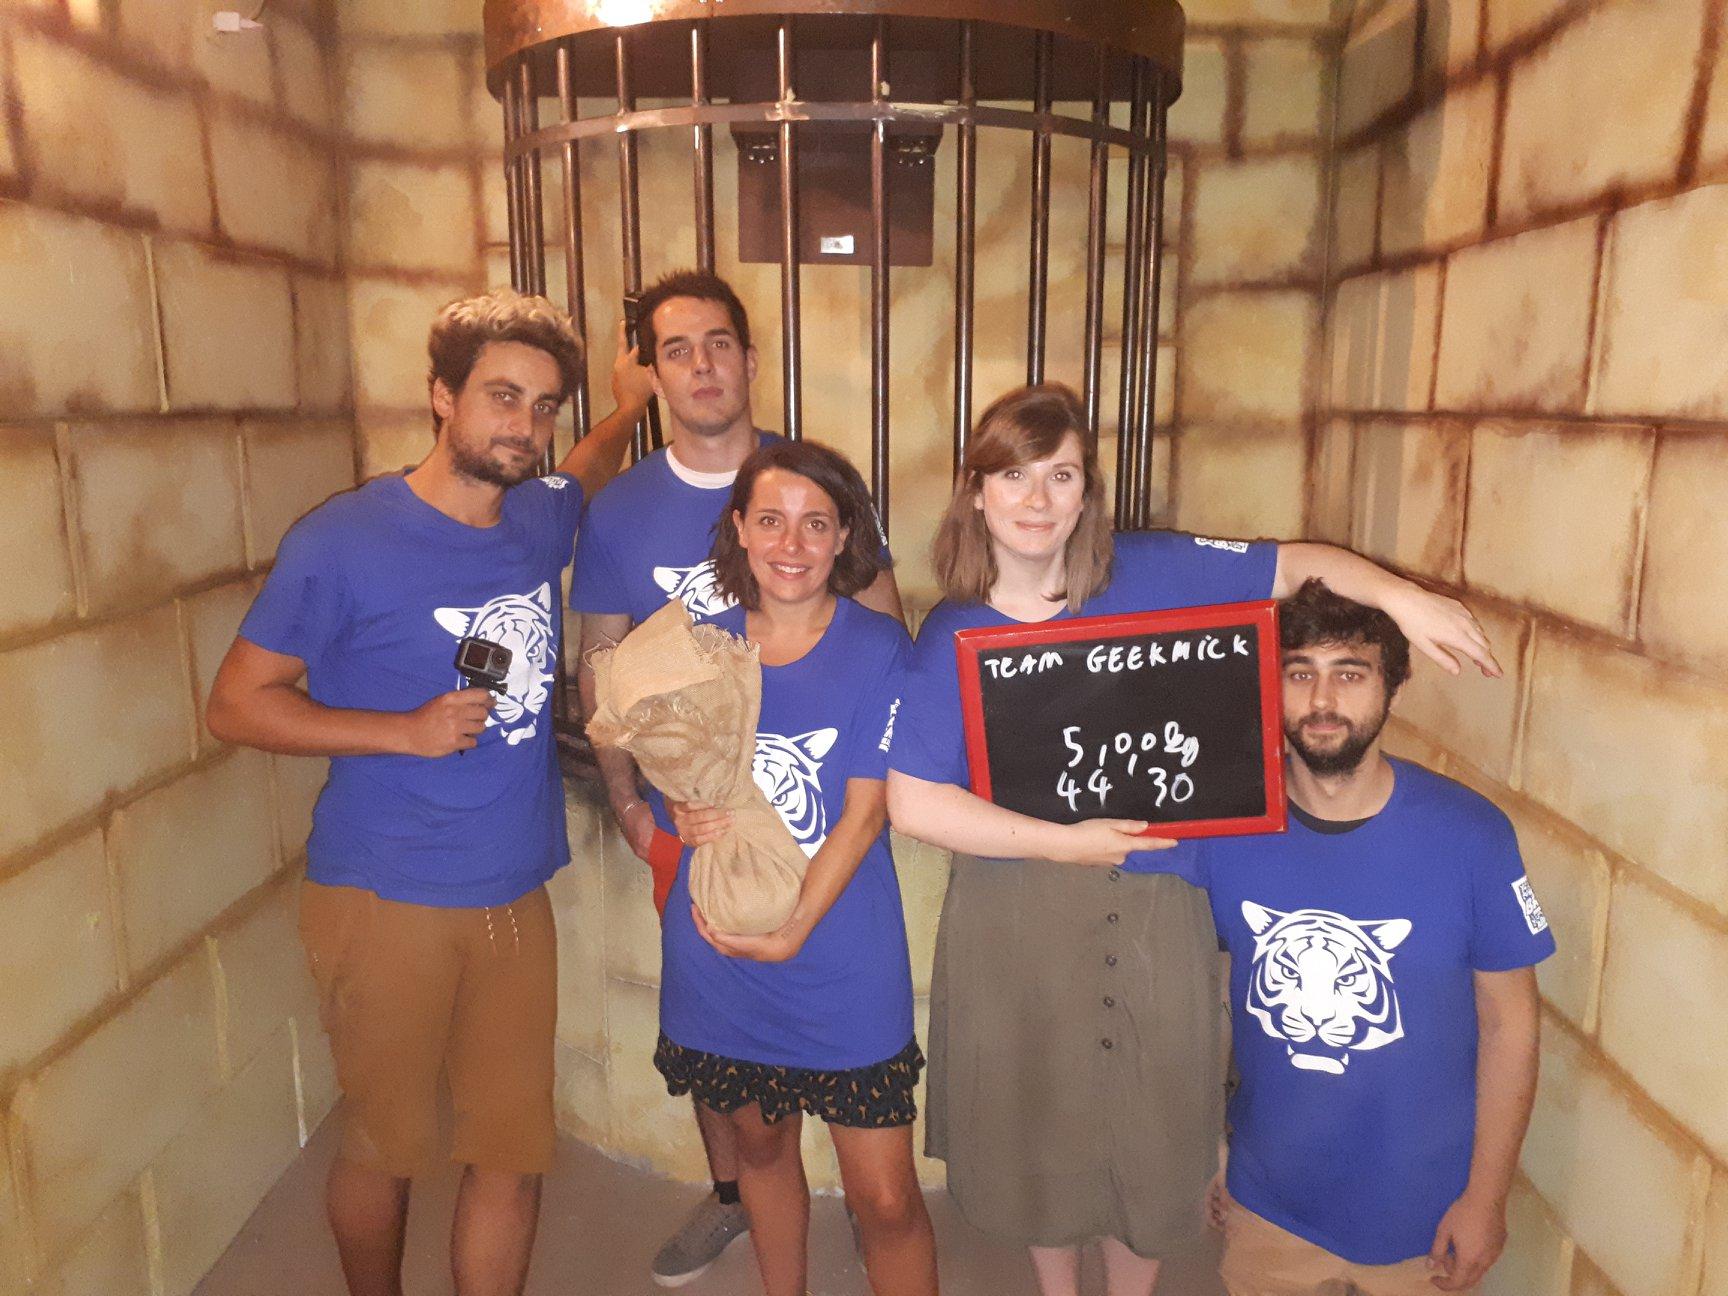 L'équipe Geekmick pour Fort Boyard chez Team Break